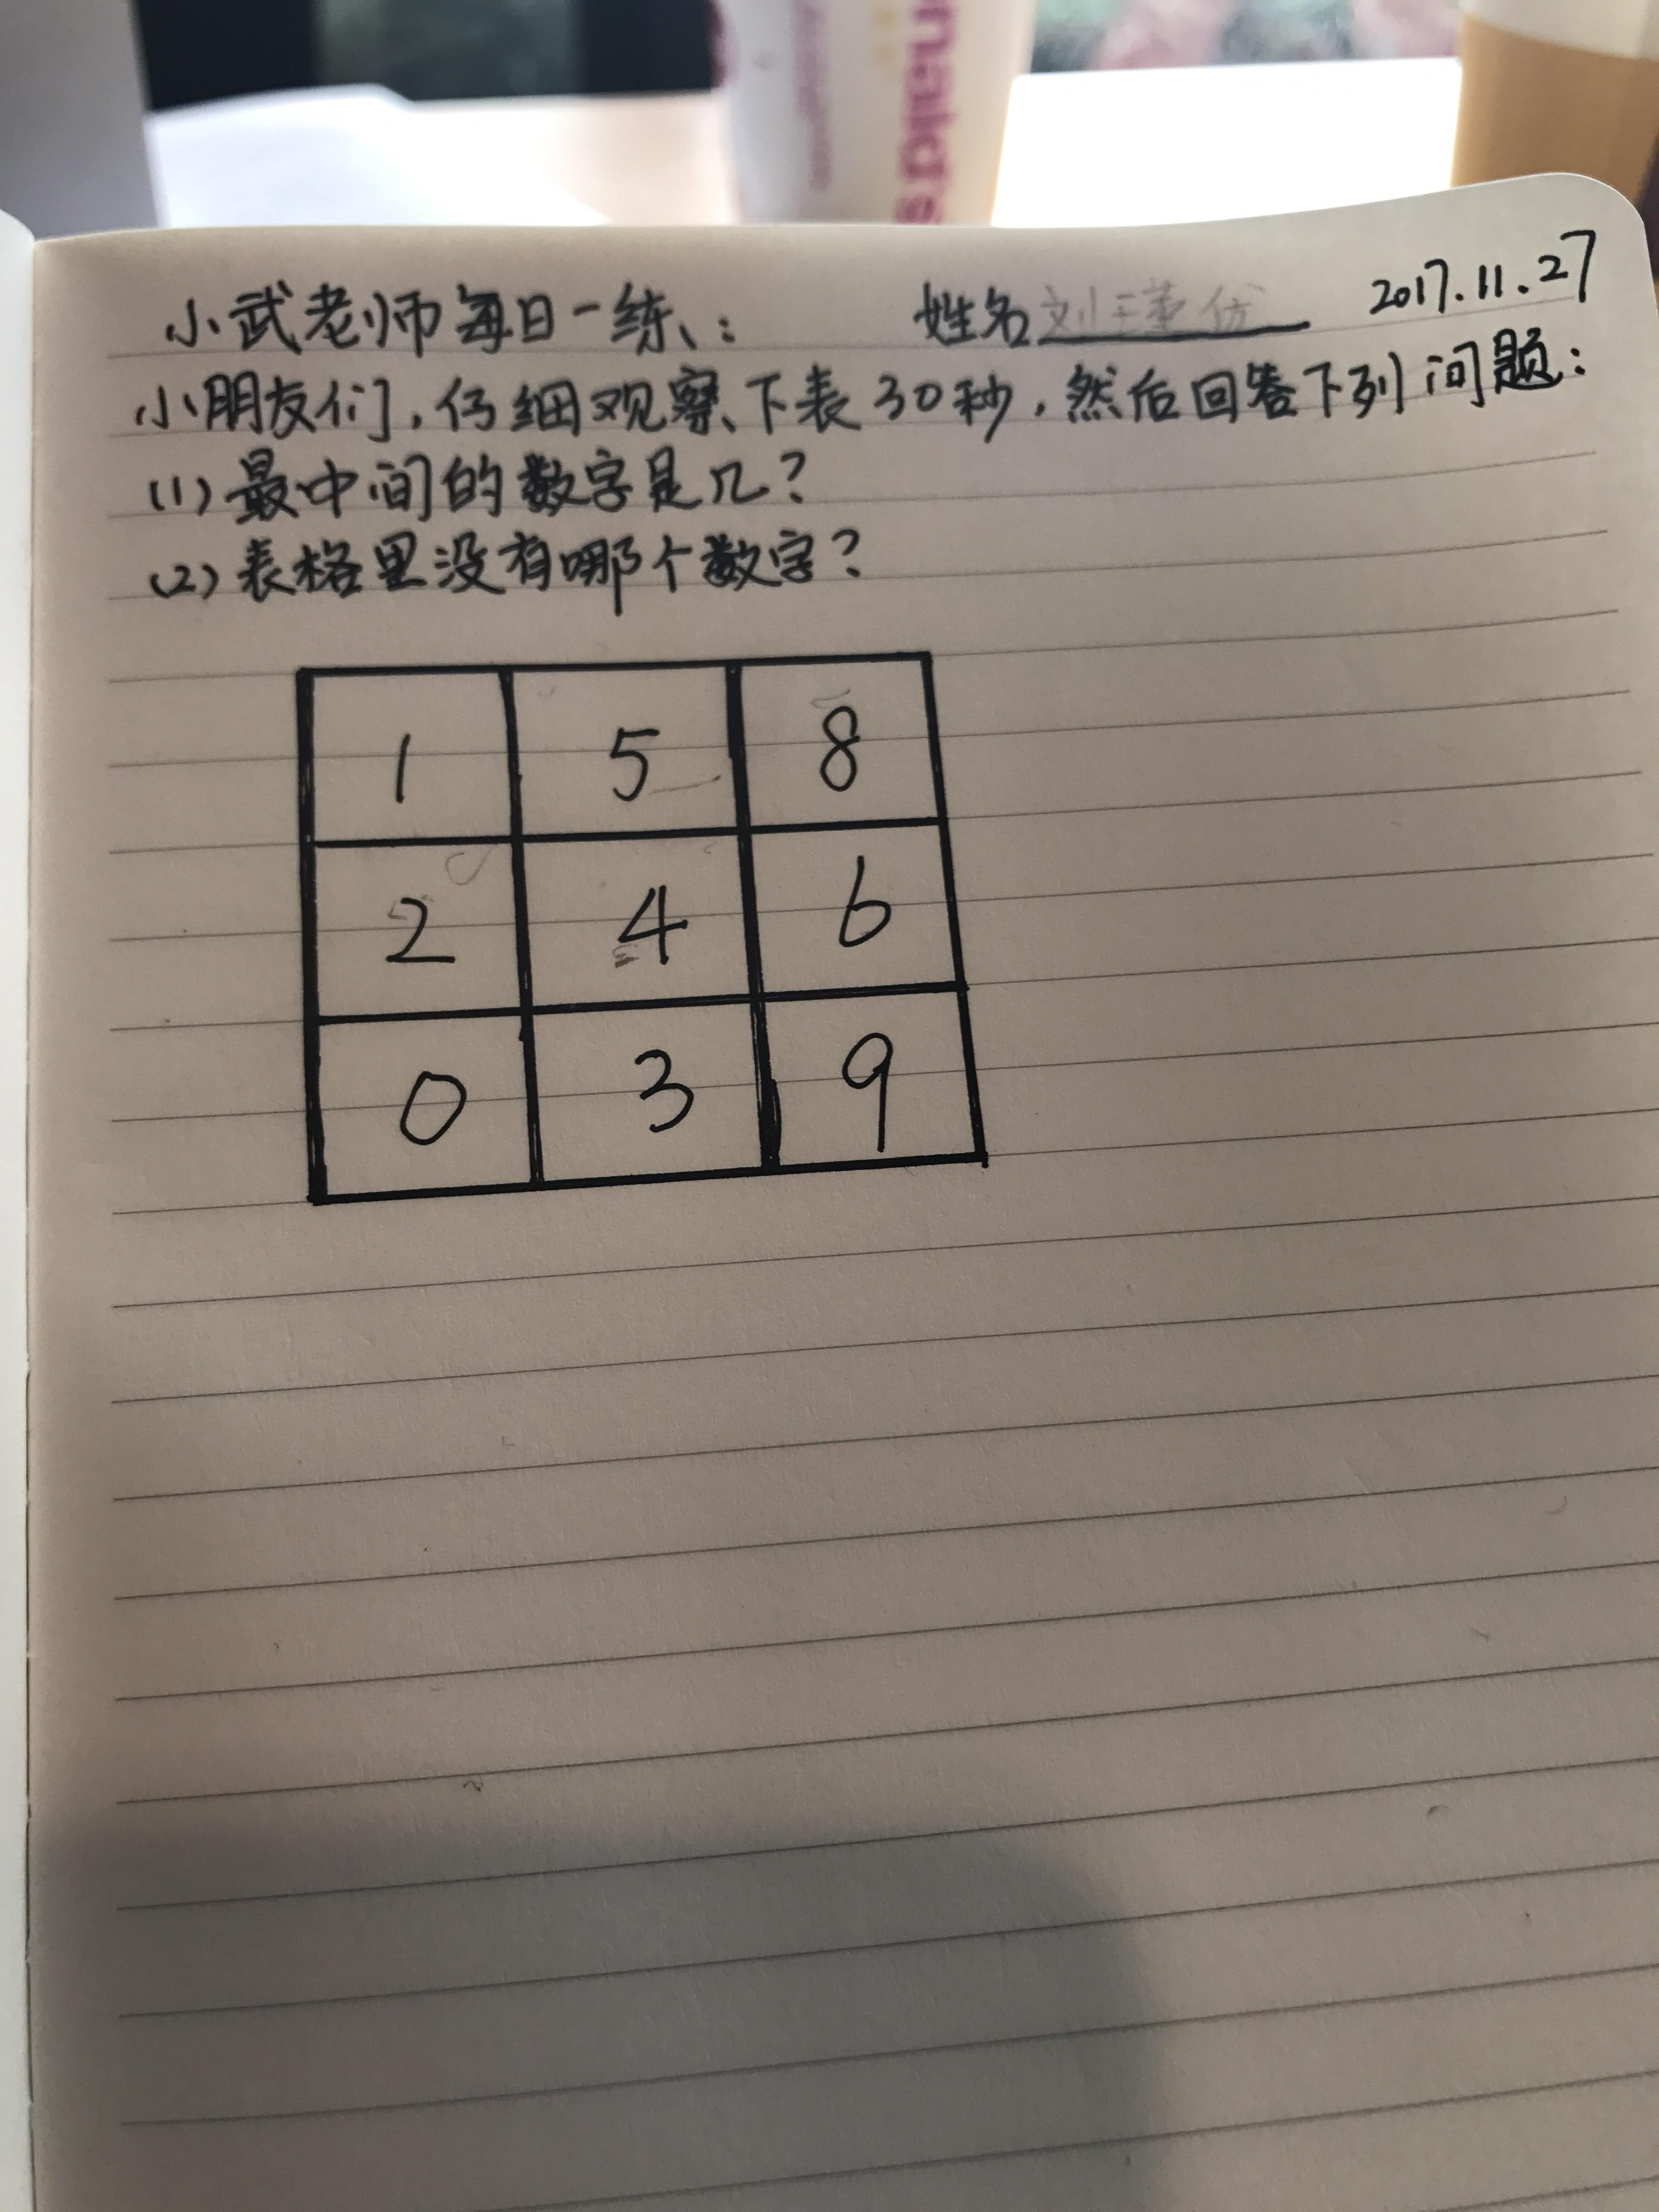 B9BDB258-0E1C-4C73-B73D-F1F9089A8A1D.jpg